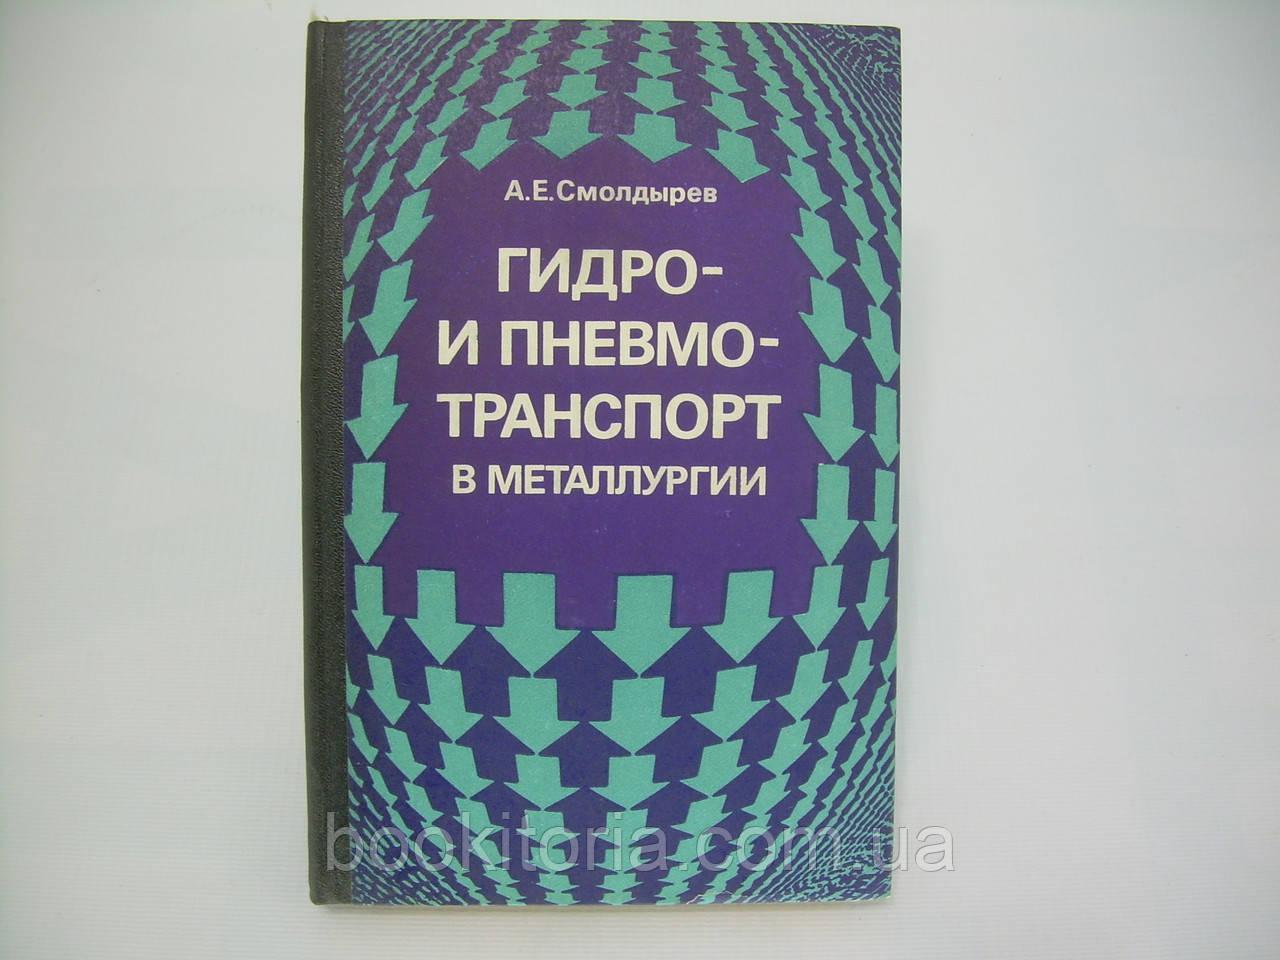 Смолдырев А. Гидро- и пневмотранспорт в металлургии (техника и технология, инженерные расчеты) (б/у)